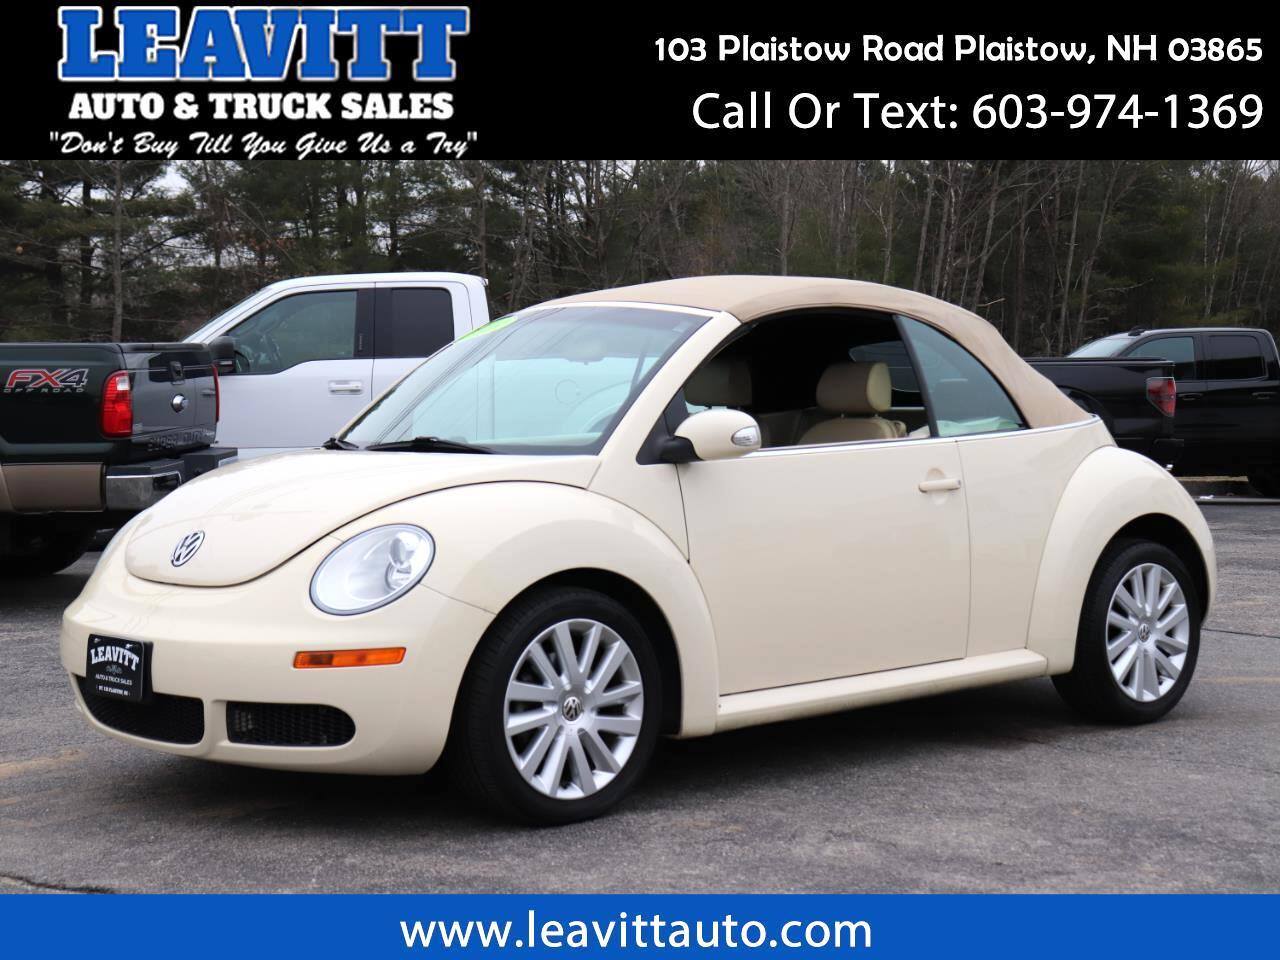 2008 Volkswagen New Beetle S CONVERTIBLE 89K MILES